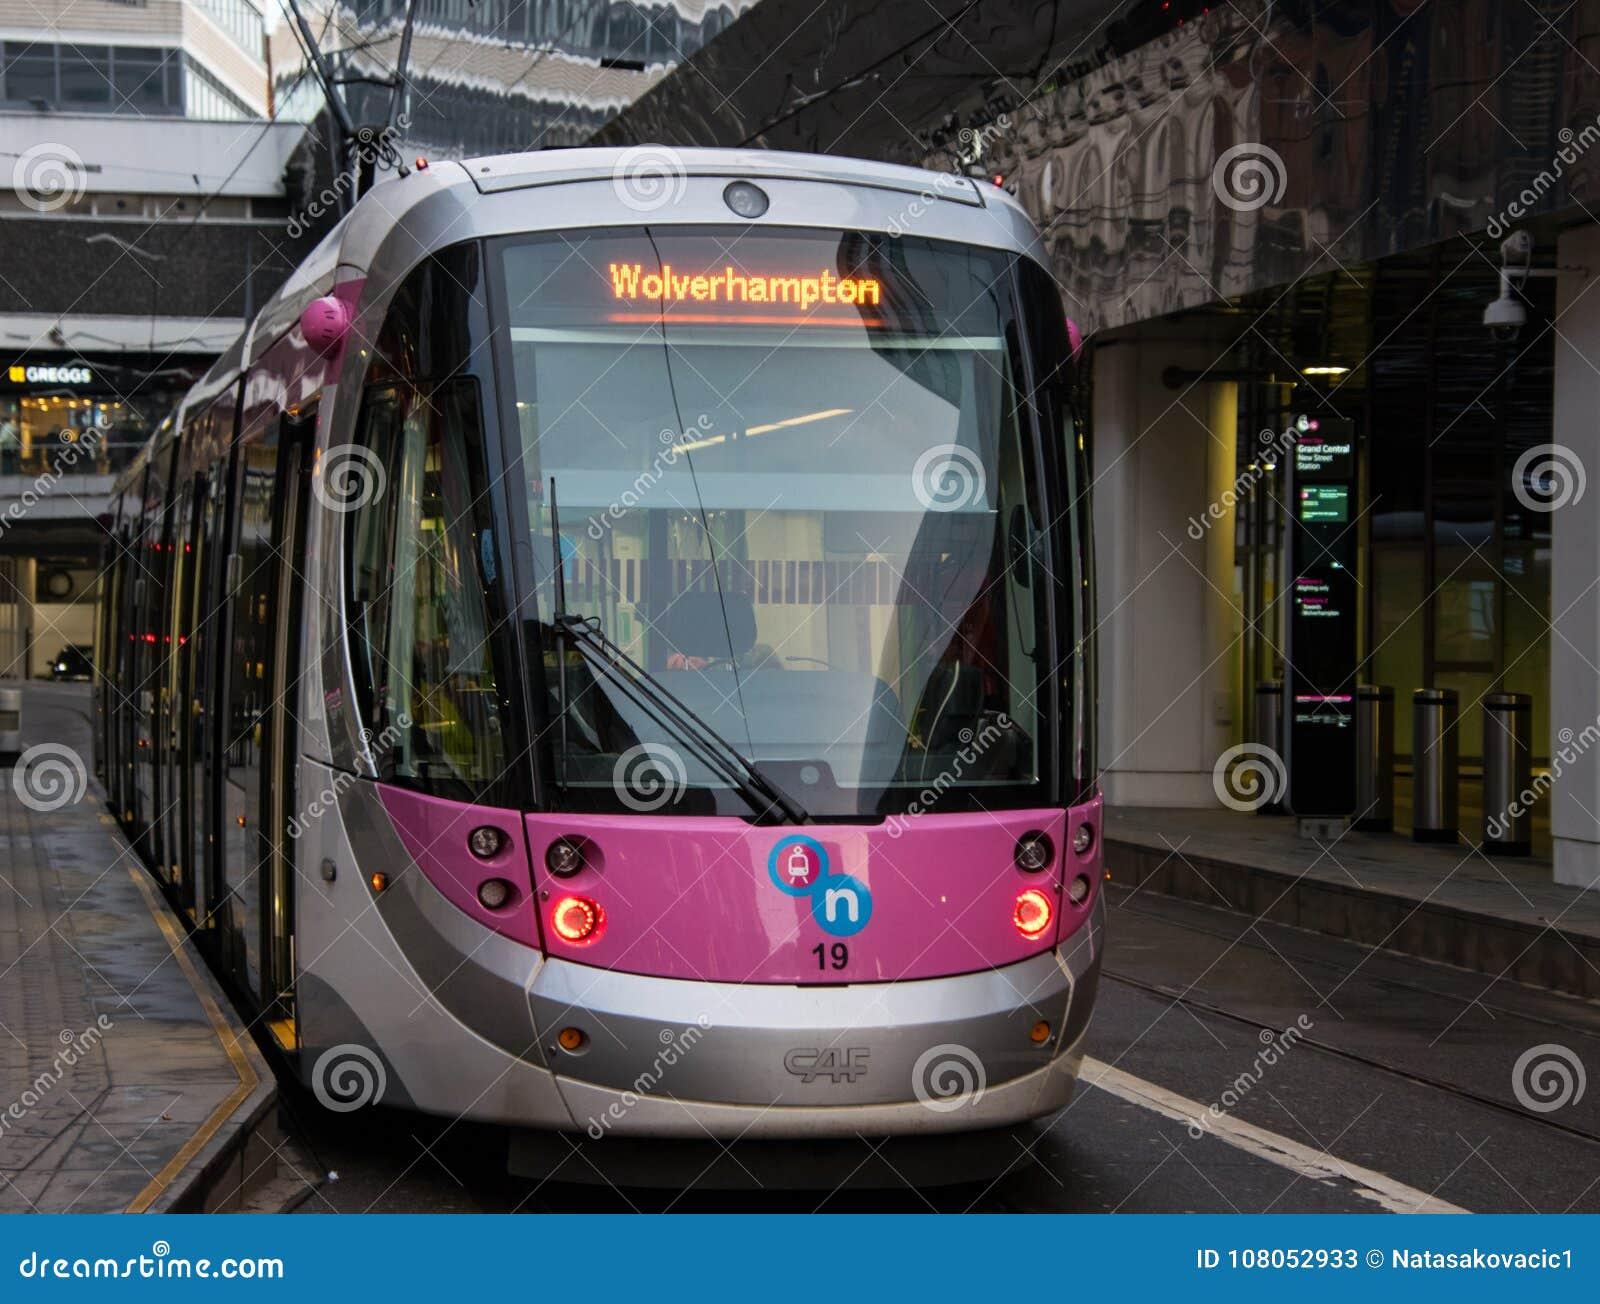 Birmingham aan de tram van Wolverhampton